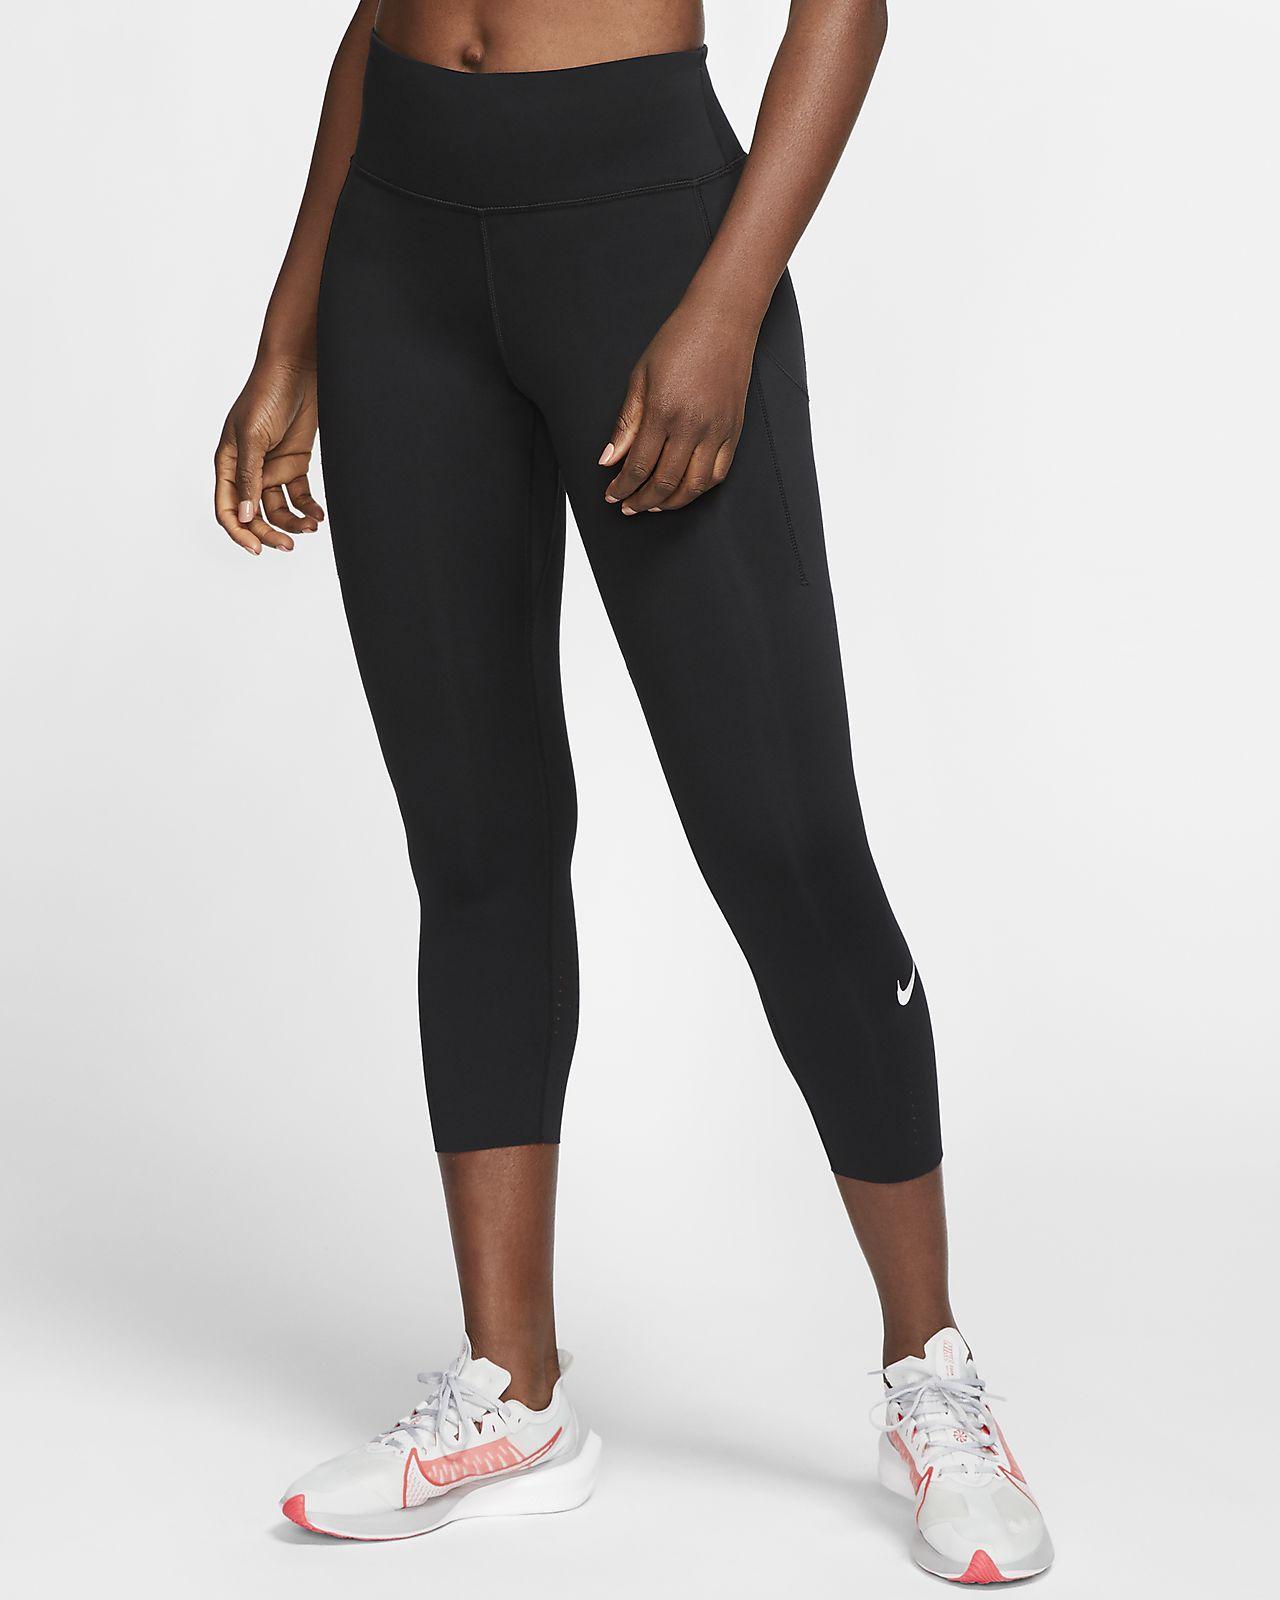 Korta löpartights Nike Epic Luxe för kvinnor